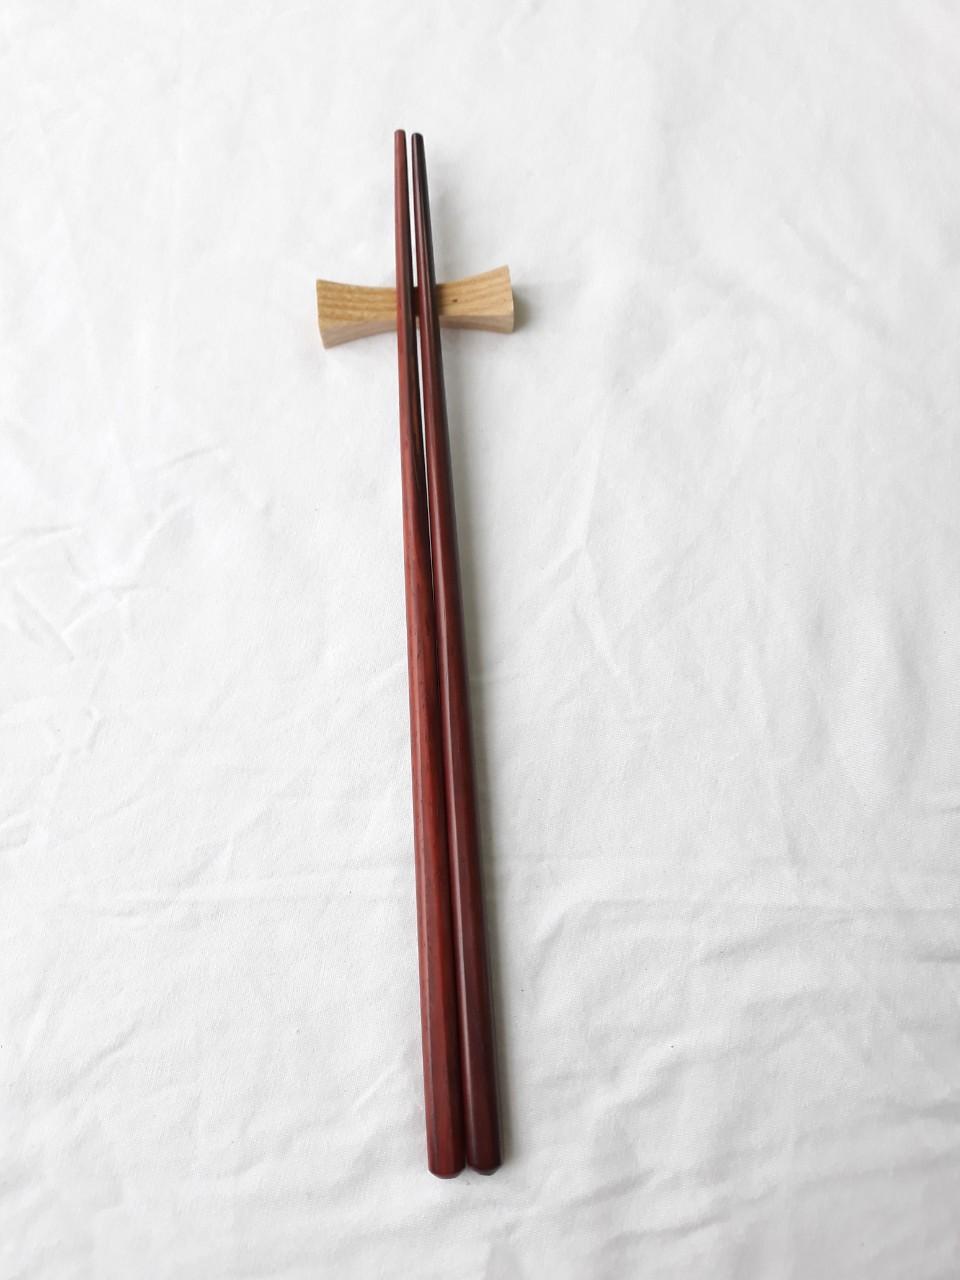 Đũa gỗ trắc đỏ trơn - Bộ 5 đôi